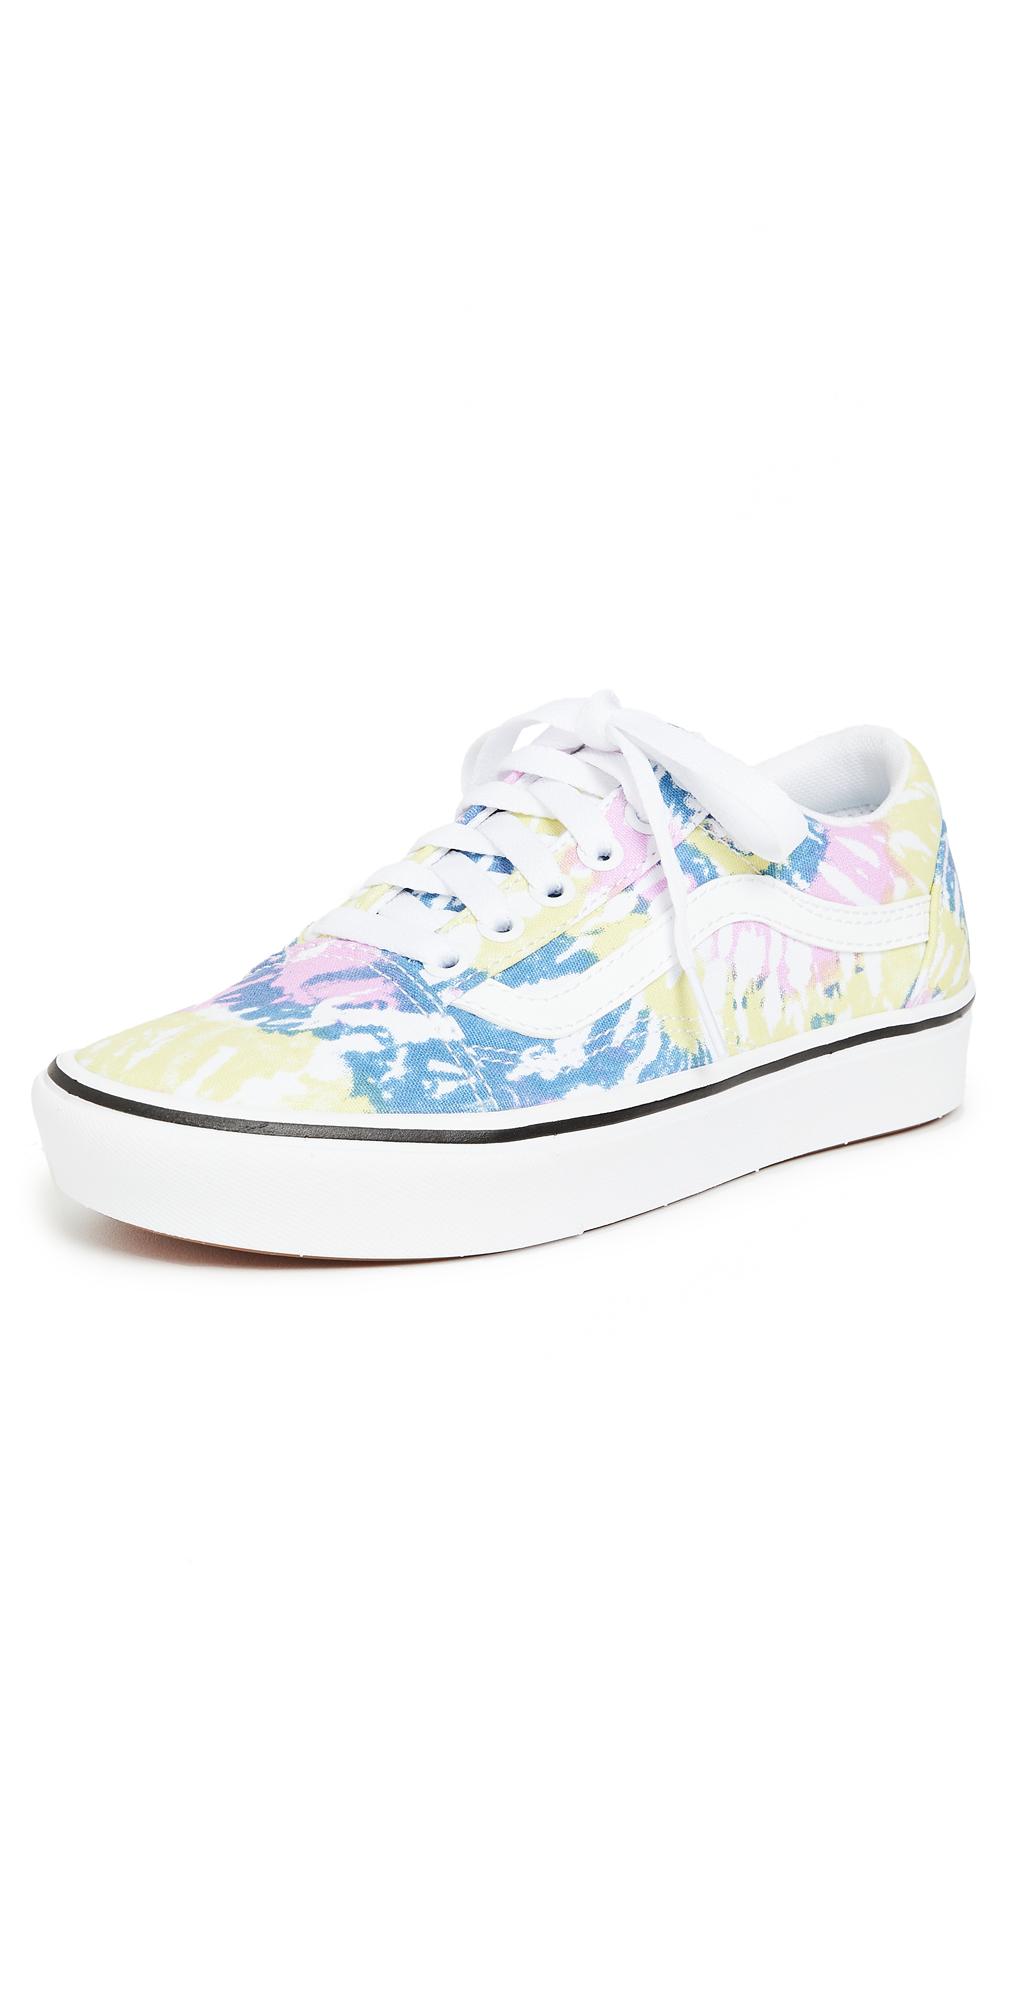 Vans Fu Comfycush Old Skool Sneakers